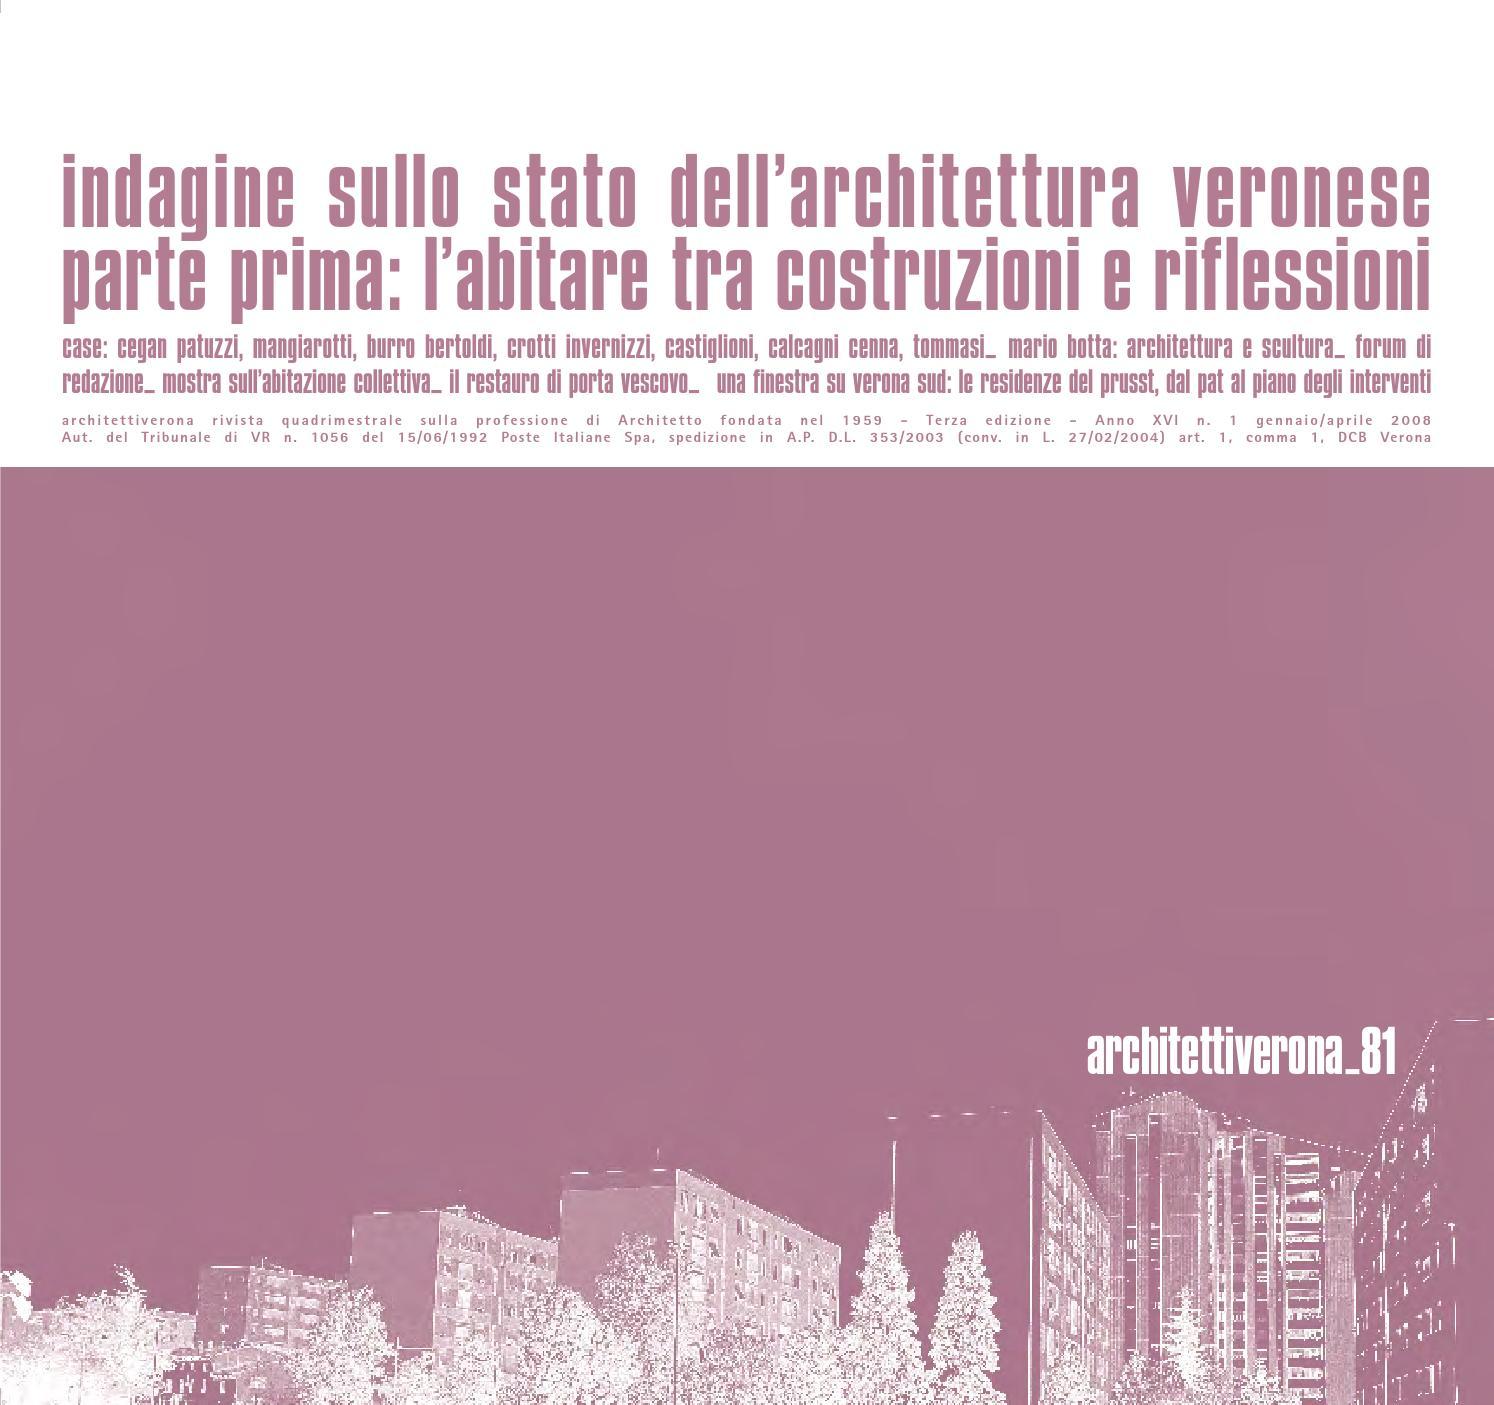 Siti Di Architetti Italiani architettiverona 81 by architettiverona - issuu